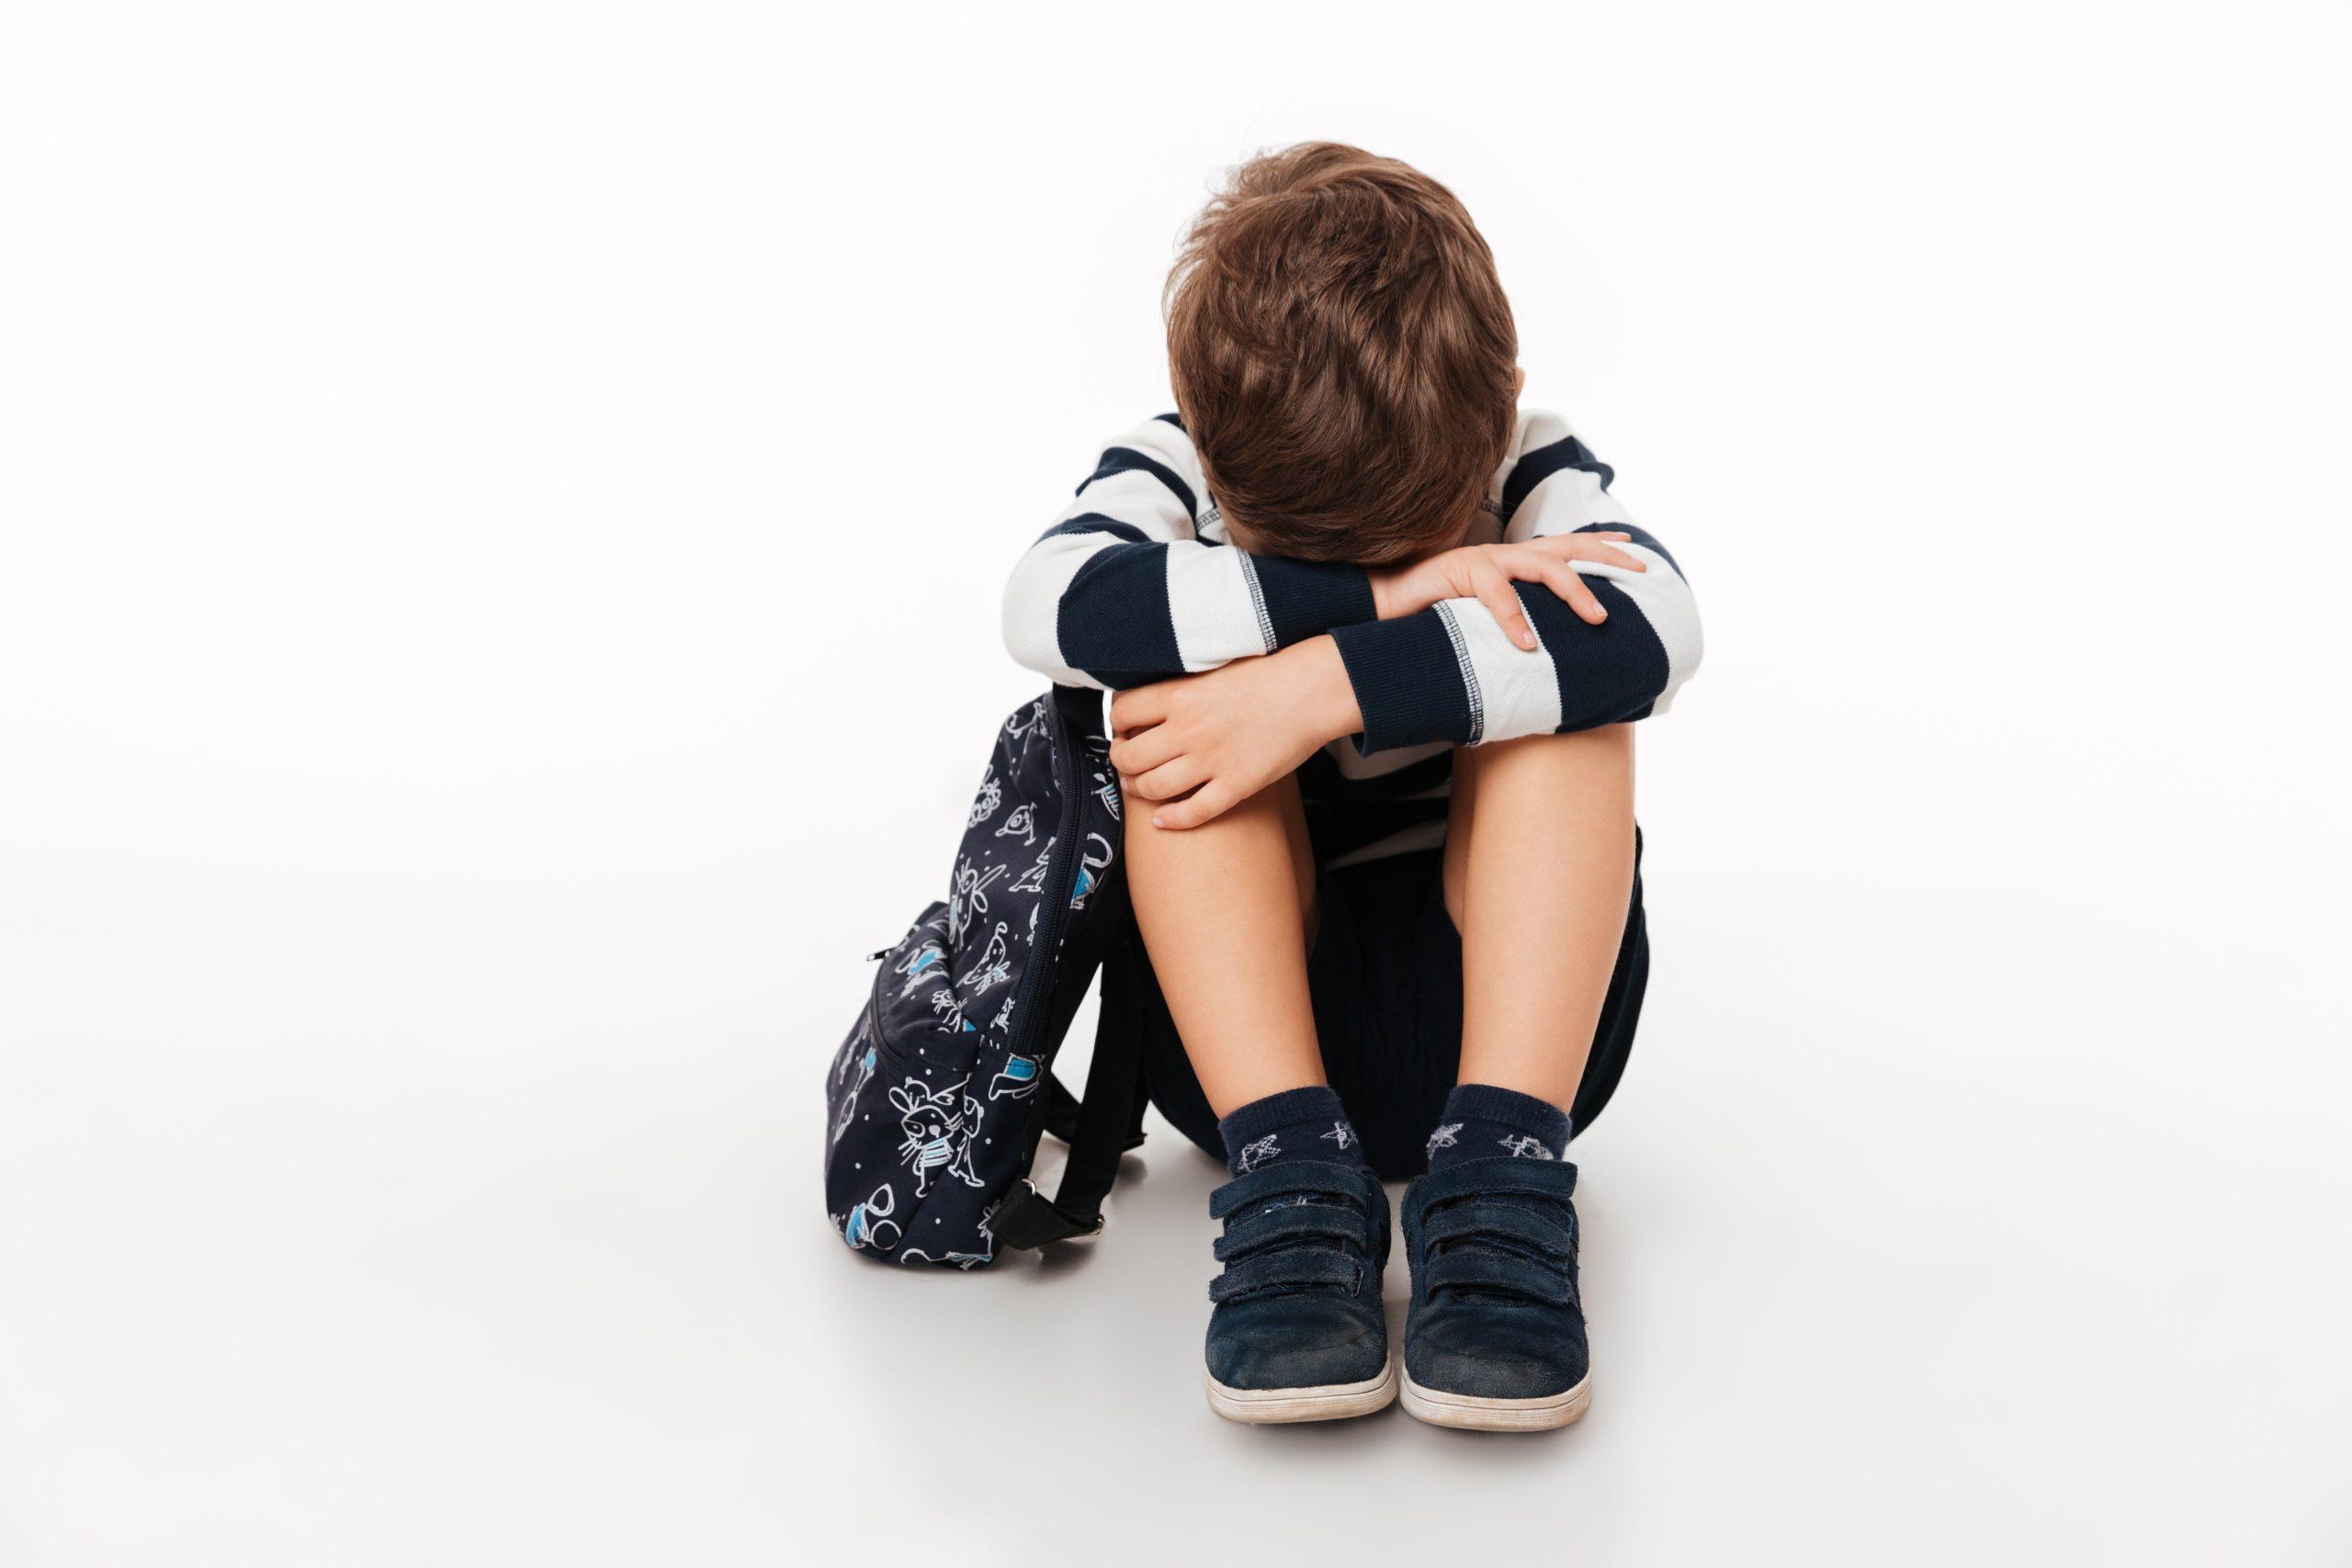 חטיפת ילדים – זה יכול לקרות גם לכם!